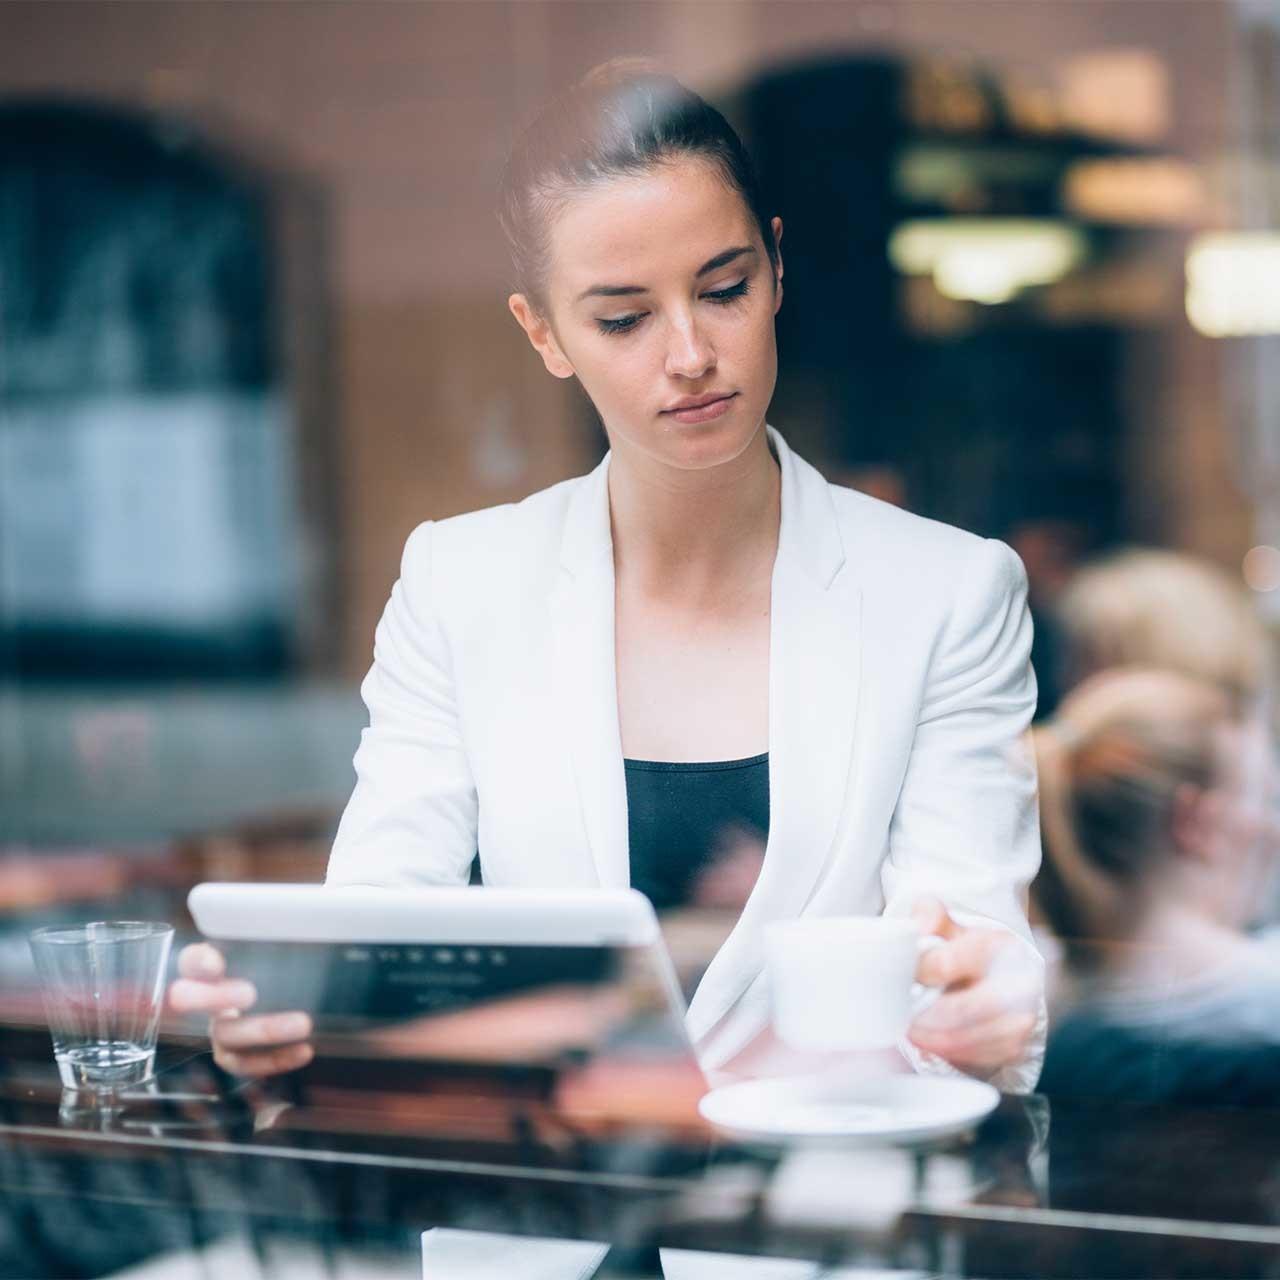 カフェでリモートワークする女性